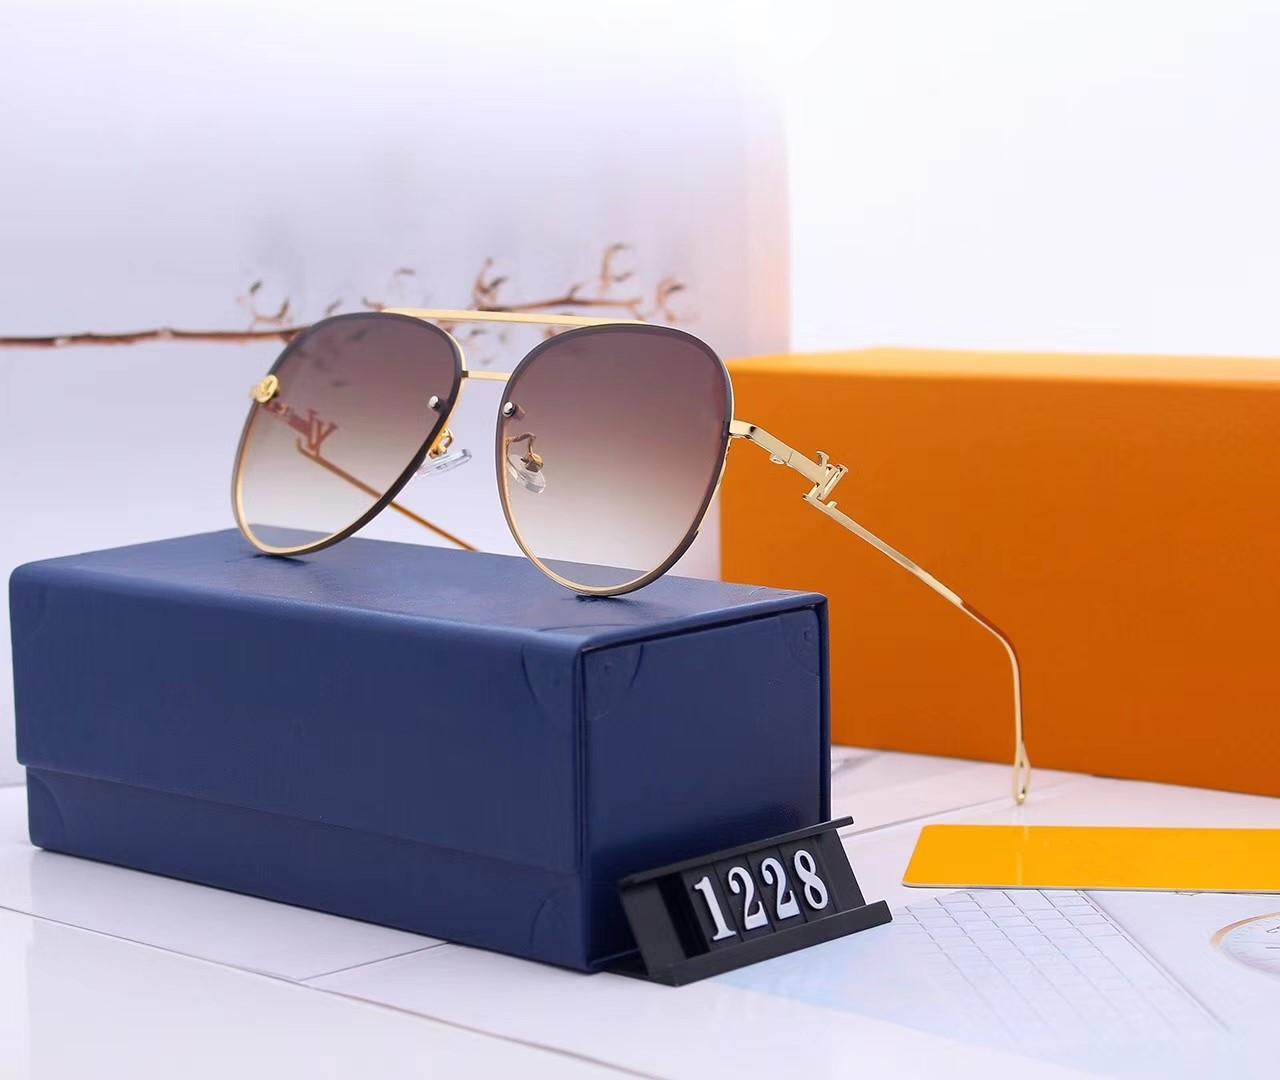 2019 مصمم النظارات الشمسية للمرأة النظارات الشمسية المستقطبة القيادة حملق نظارات الشمس نموذج 1228 جودة عالية مع مربع